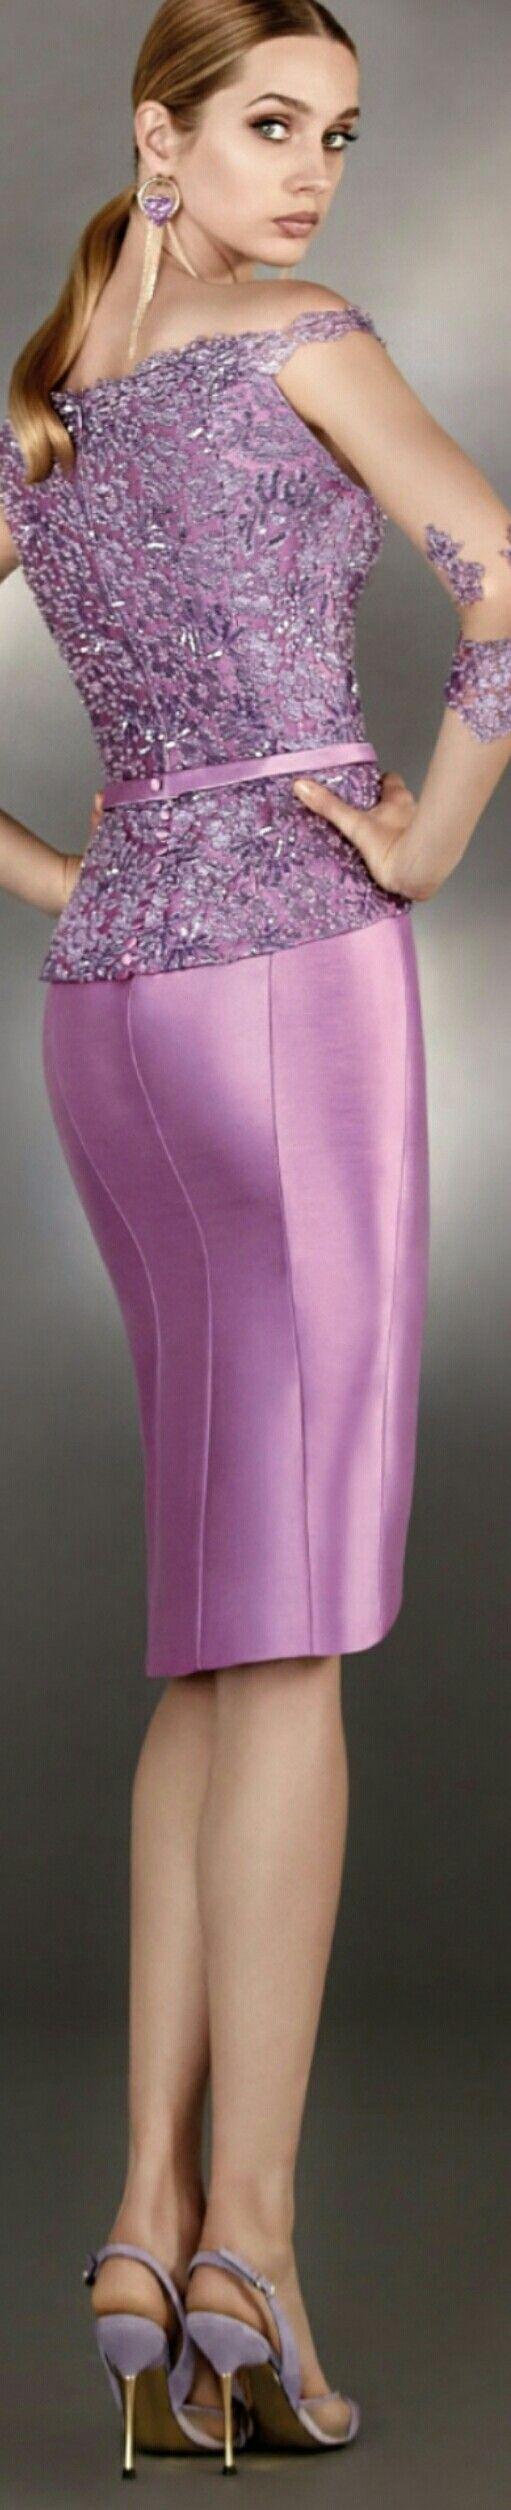 Mejores 275 imágenes de vestidos en Pinterest | Damas de honor, Aire ...